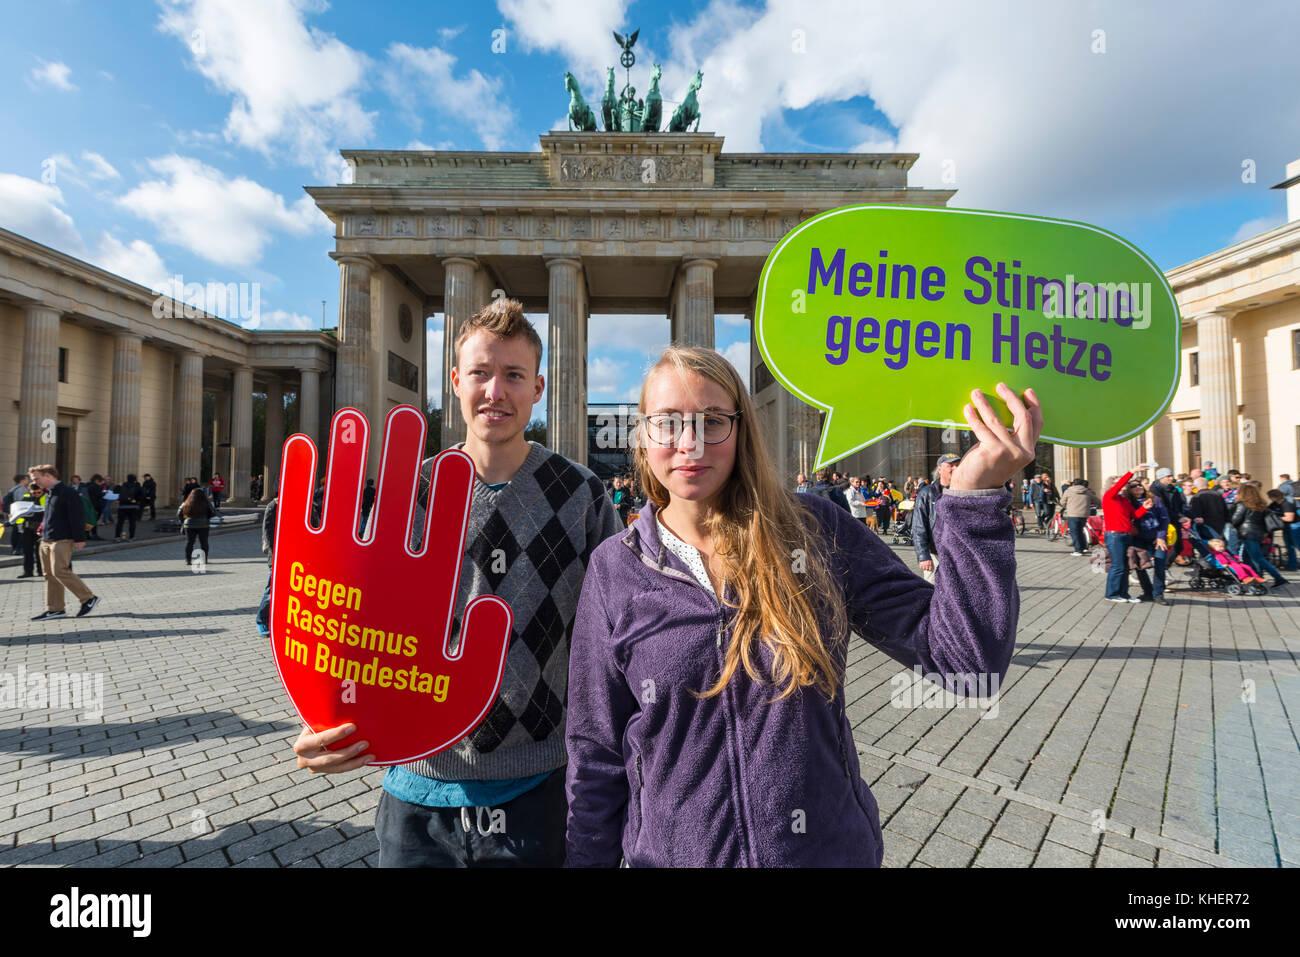 Dos estudiantes con escudo mi voto contra el odio, contra el racismo en el Bundestag, anti-AFD demo, Puerta de Brandeburgo, Imagen De Stock